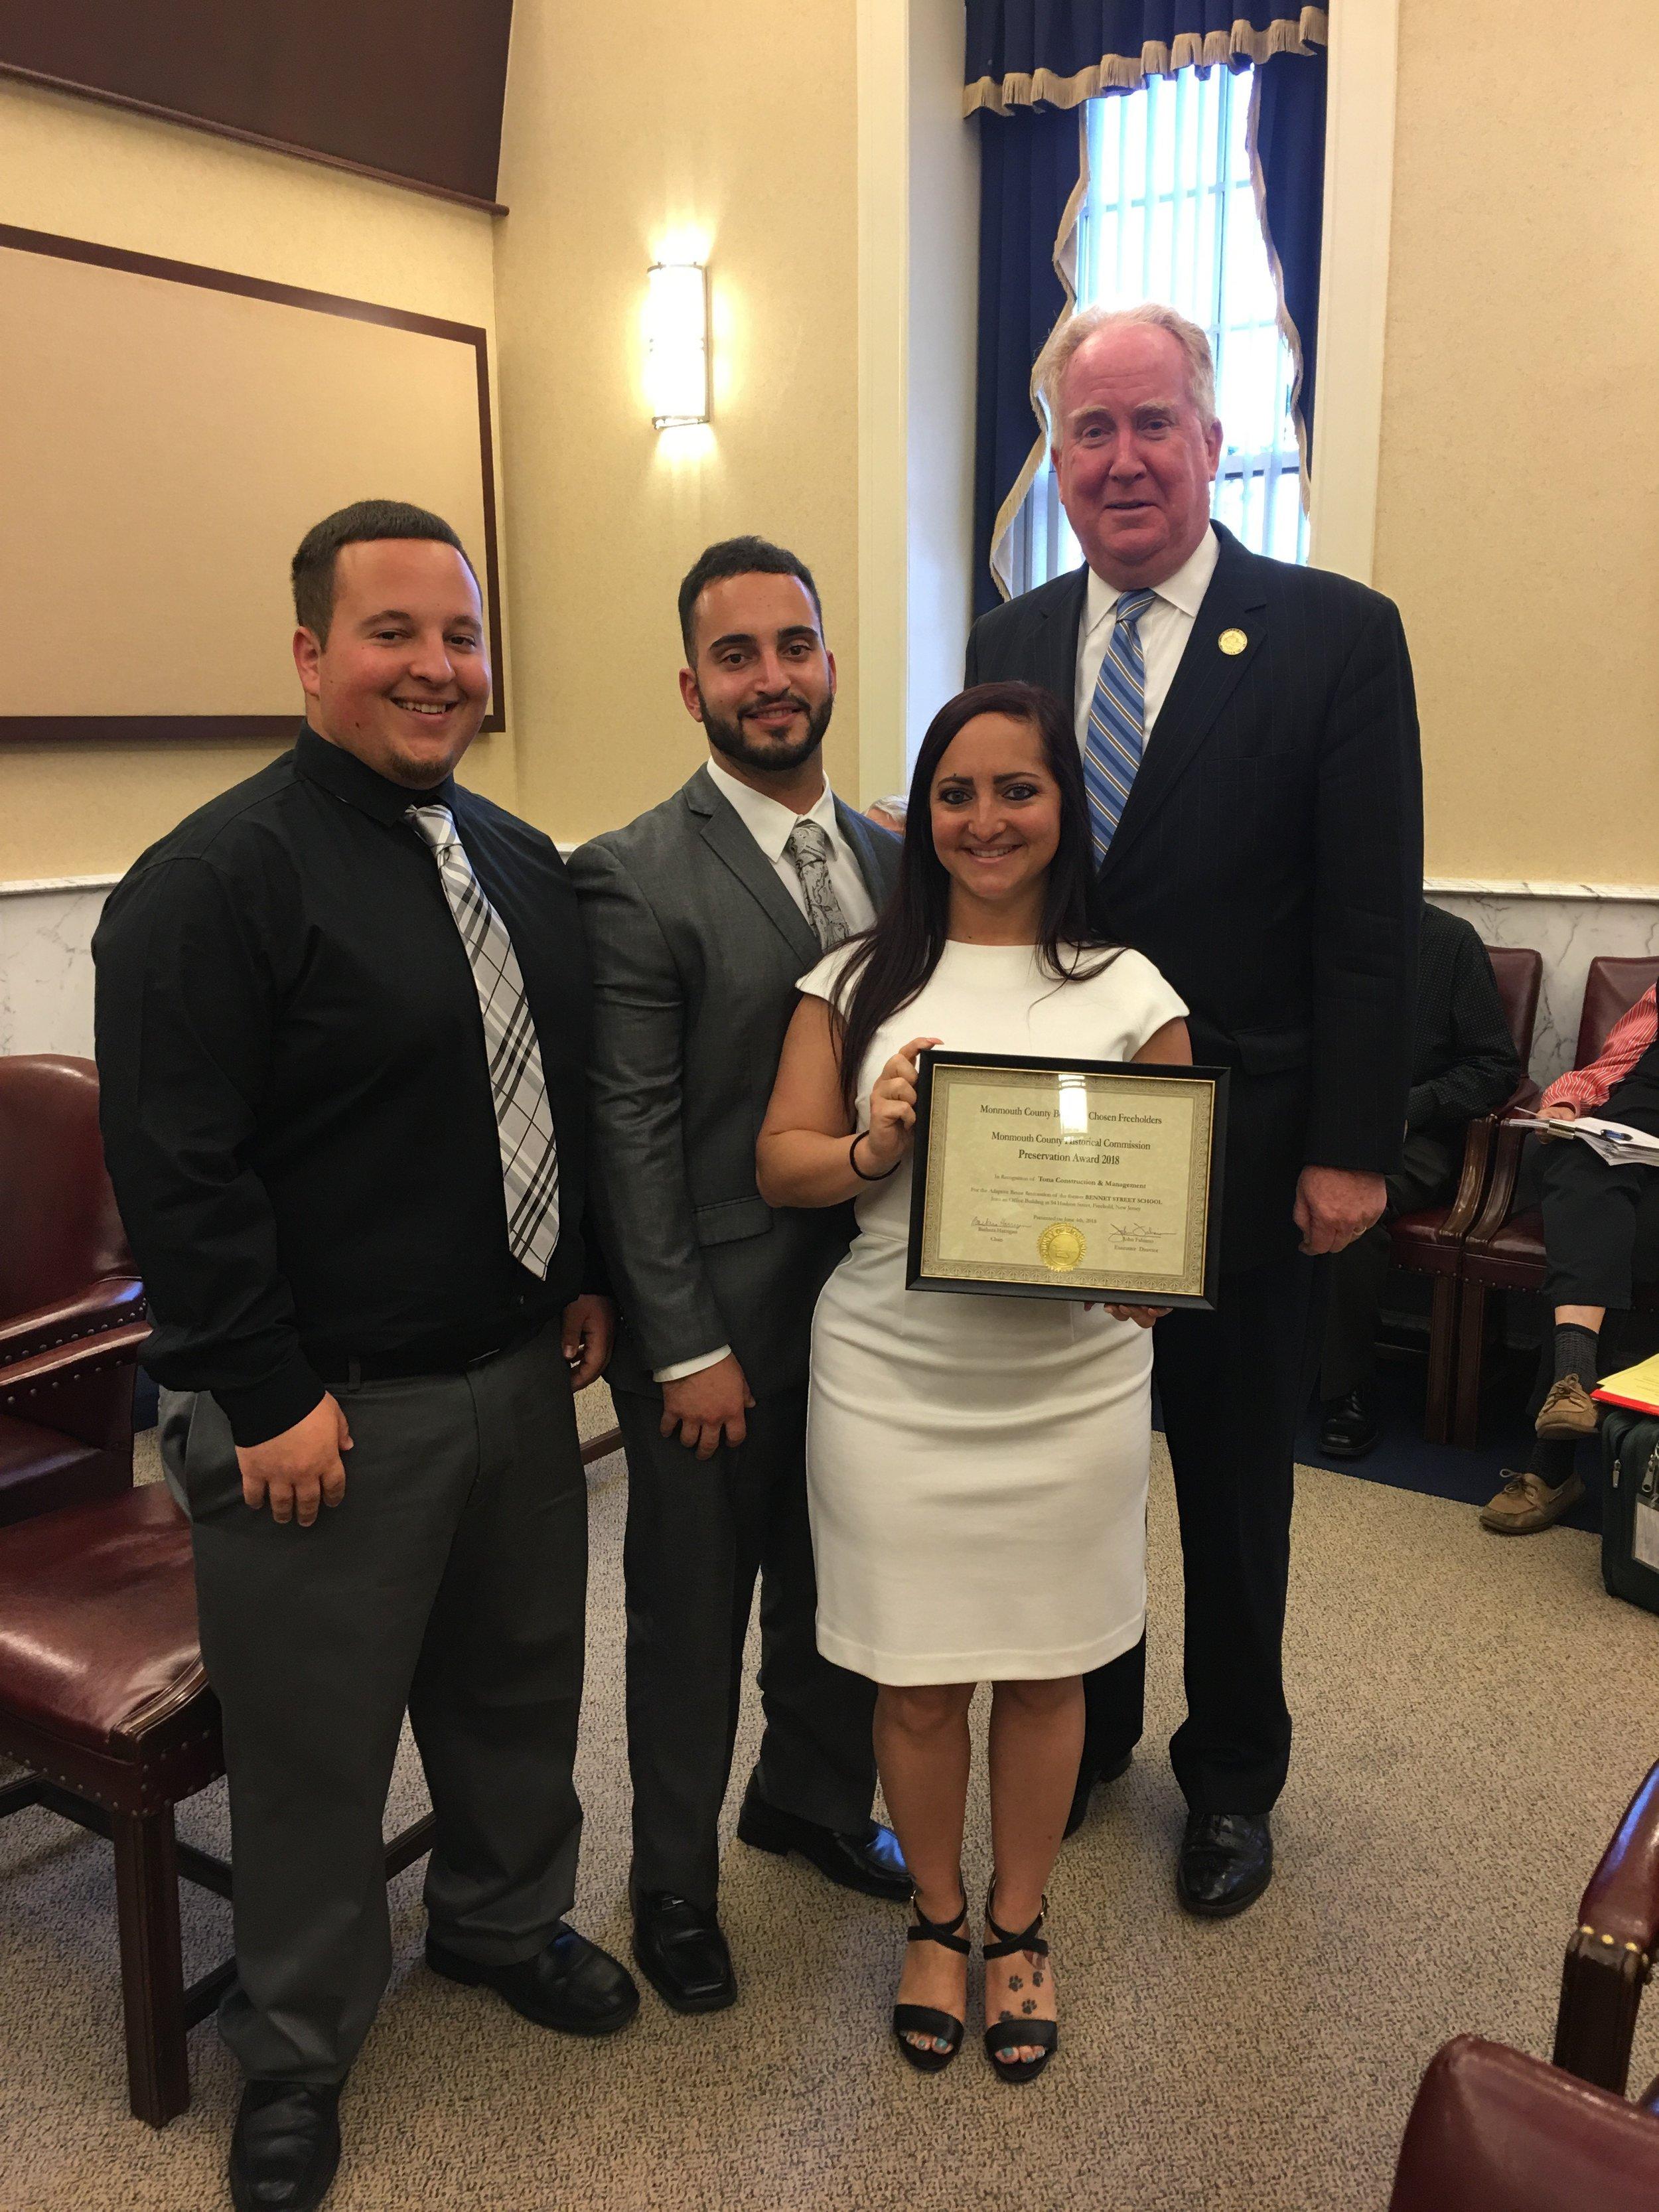 award pics with mayor.jpg